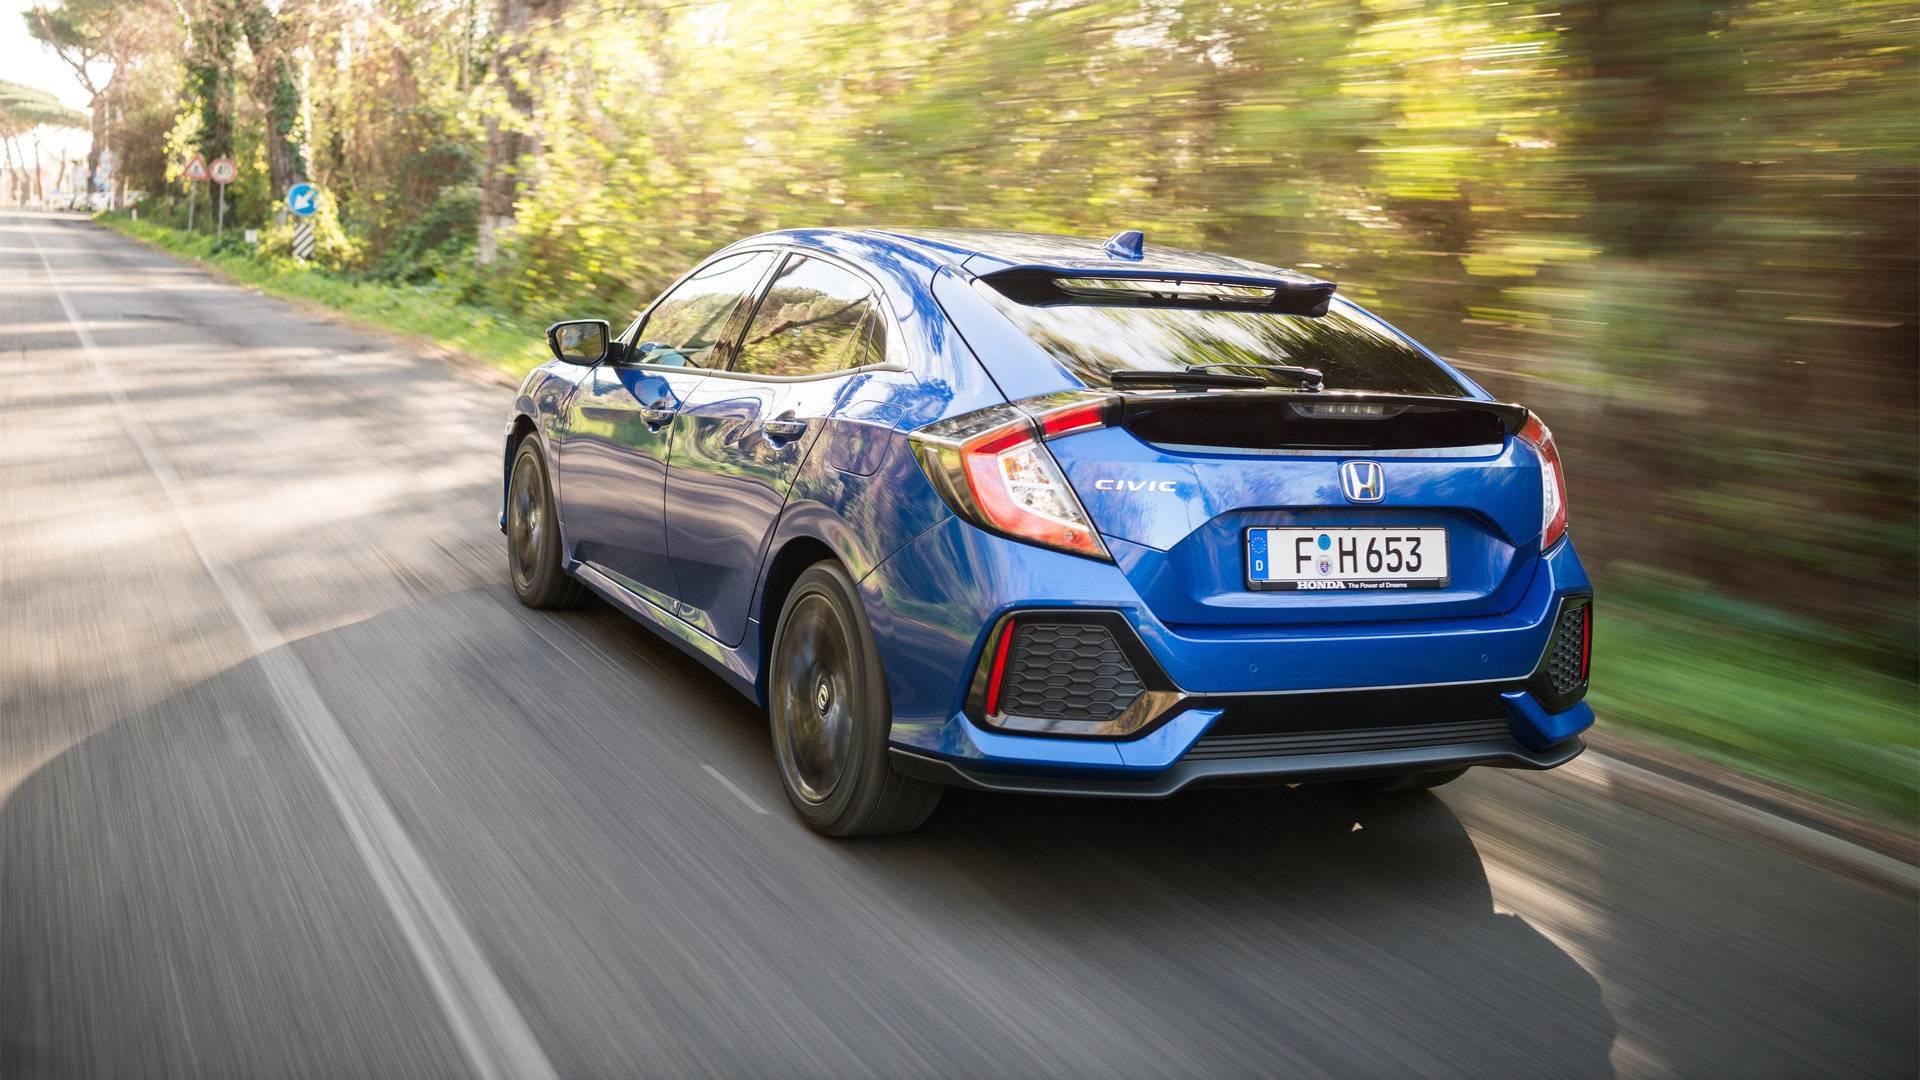 El Honda Civic diésel recibe un cambio automático de 9 marchas